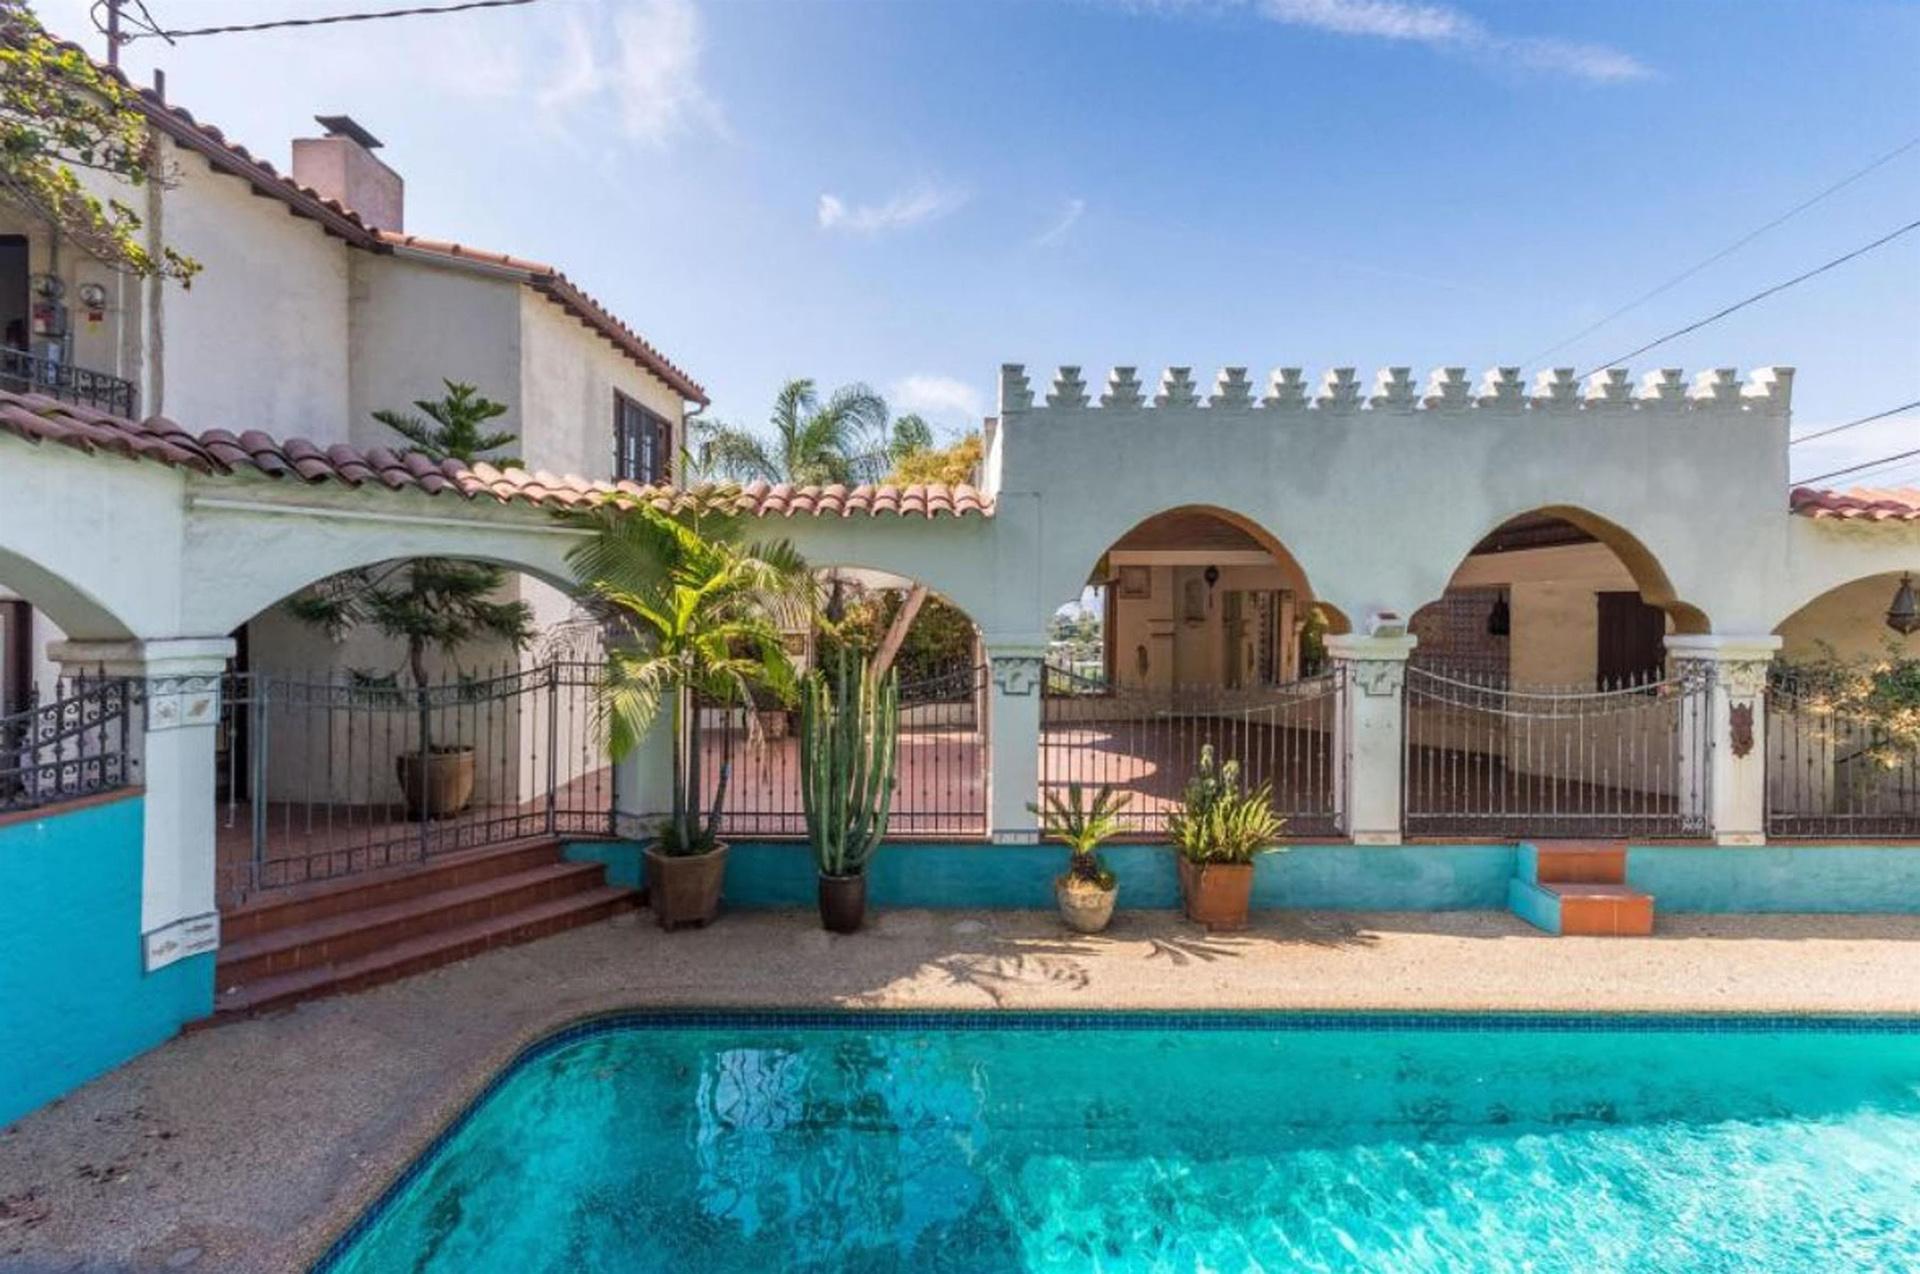 La mansión, ubicada en Los Ángeles, cuenta con una hermosa piscina (The Grosby Group)